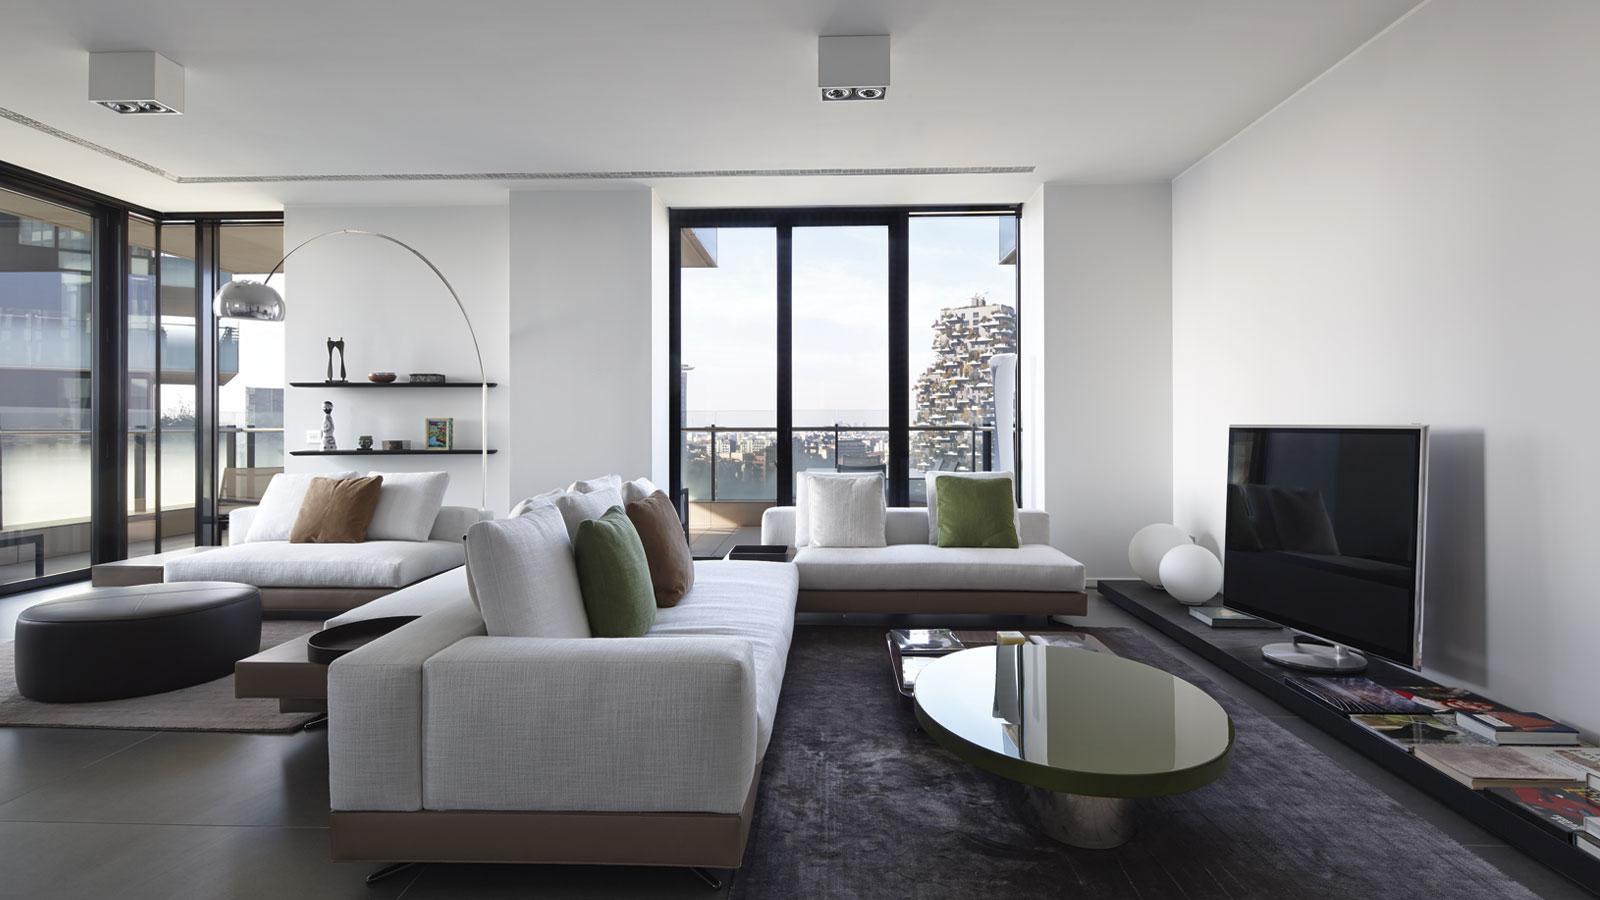 Appartamenti torre solaria consulta il blog sag80 for Appartamenti di design